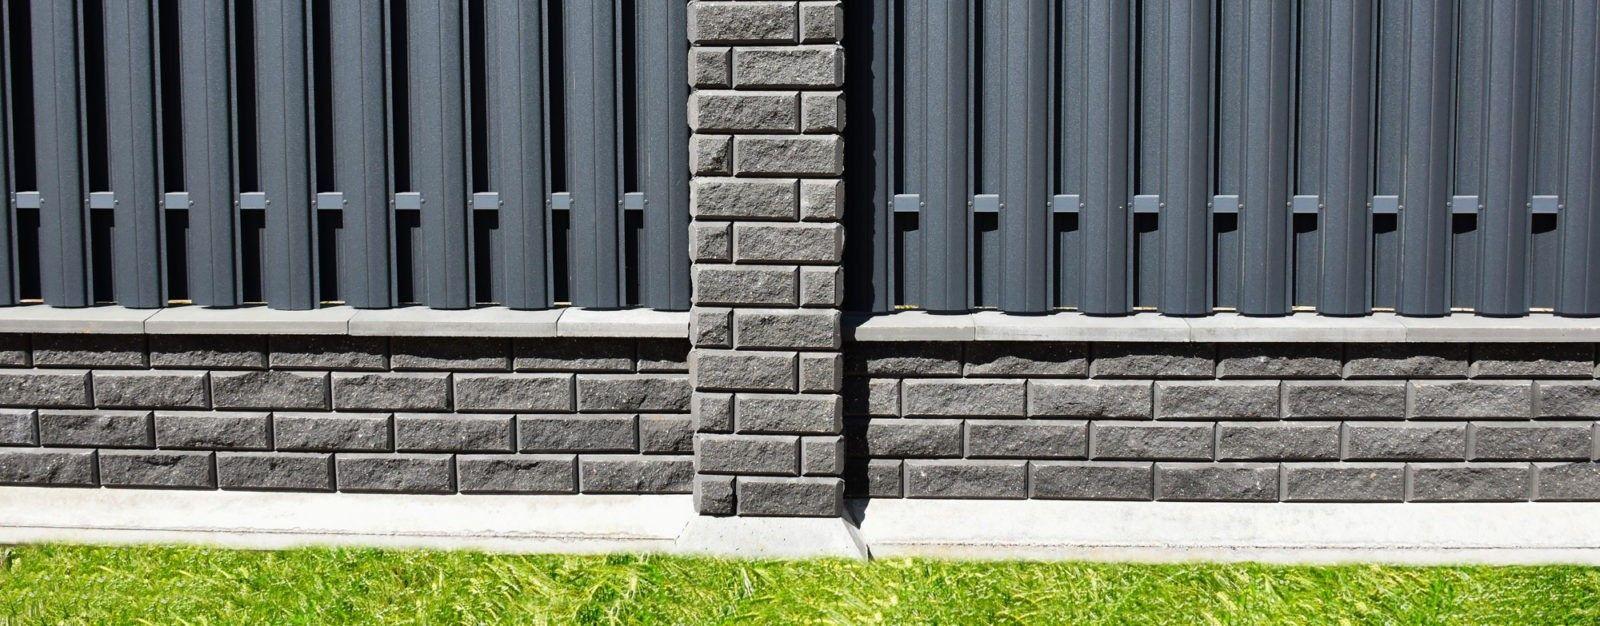 betonnye-blocki